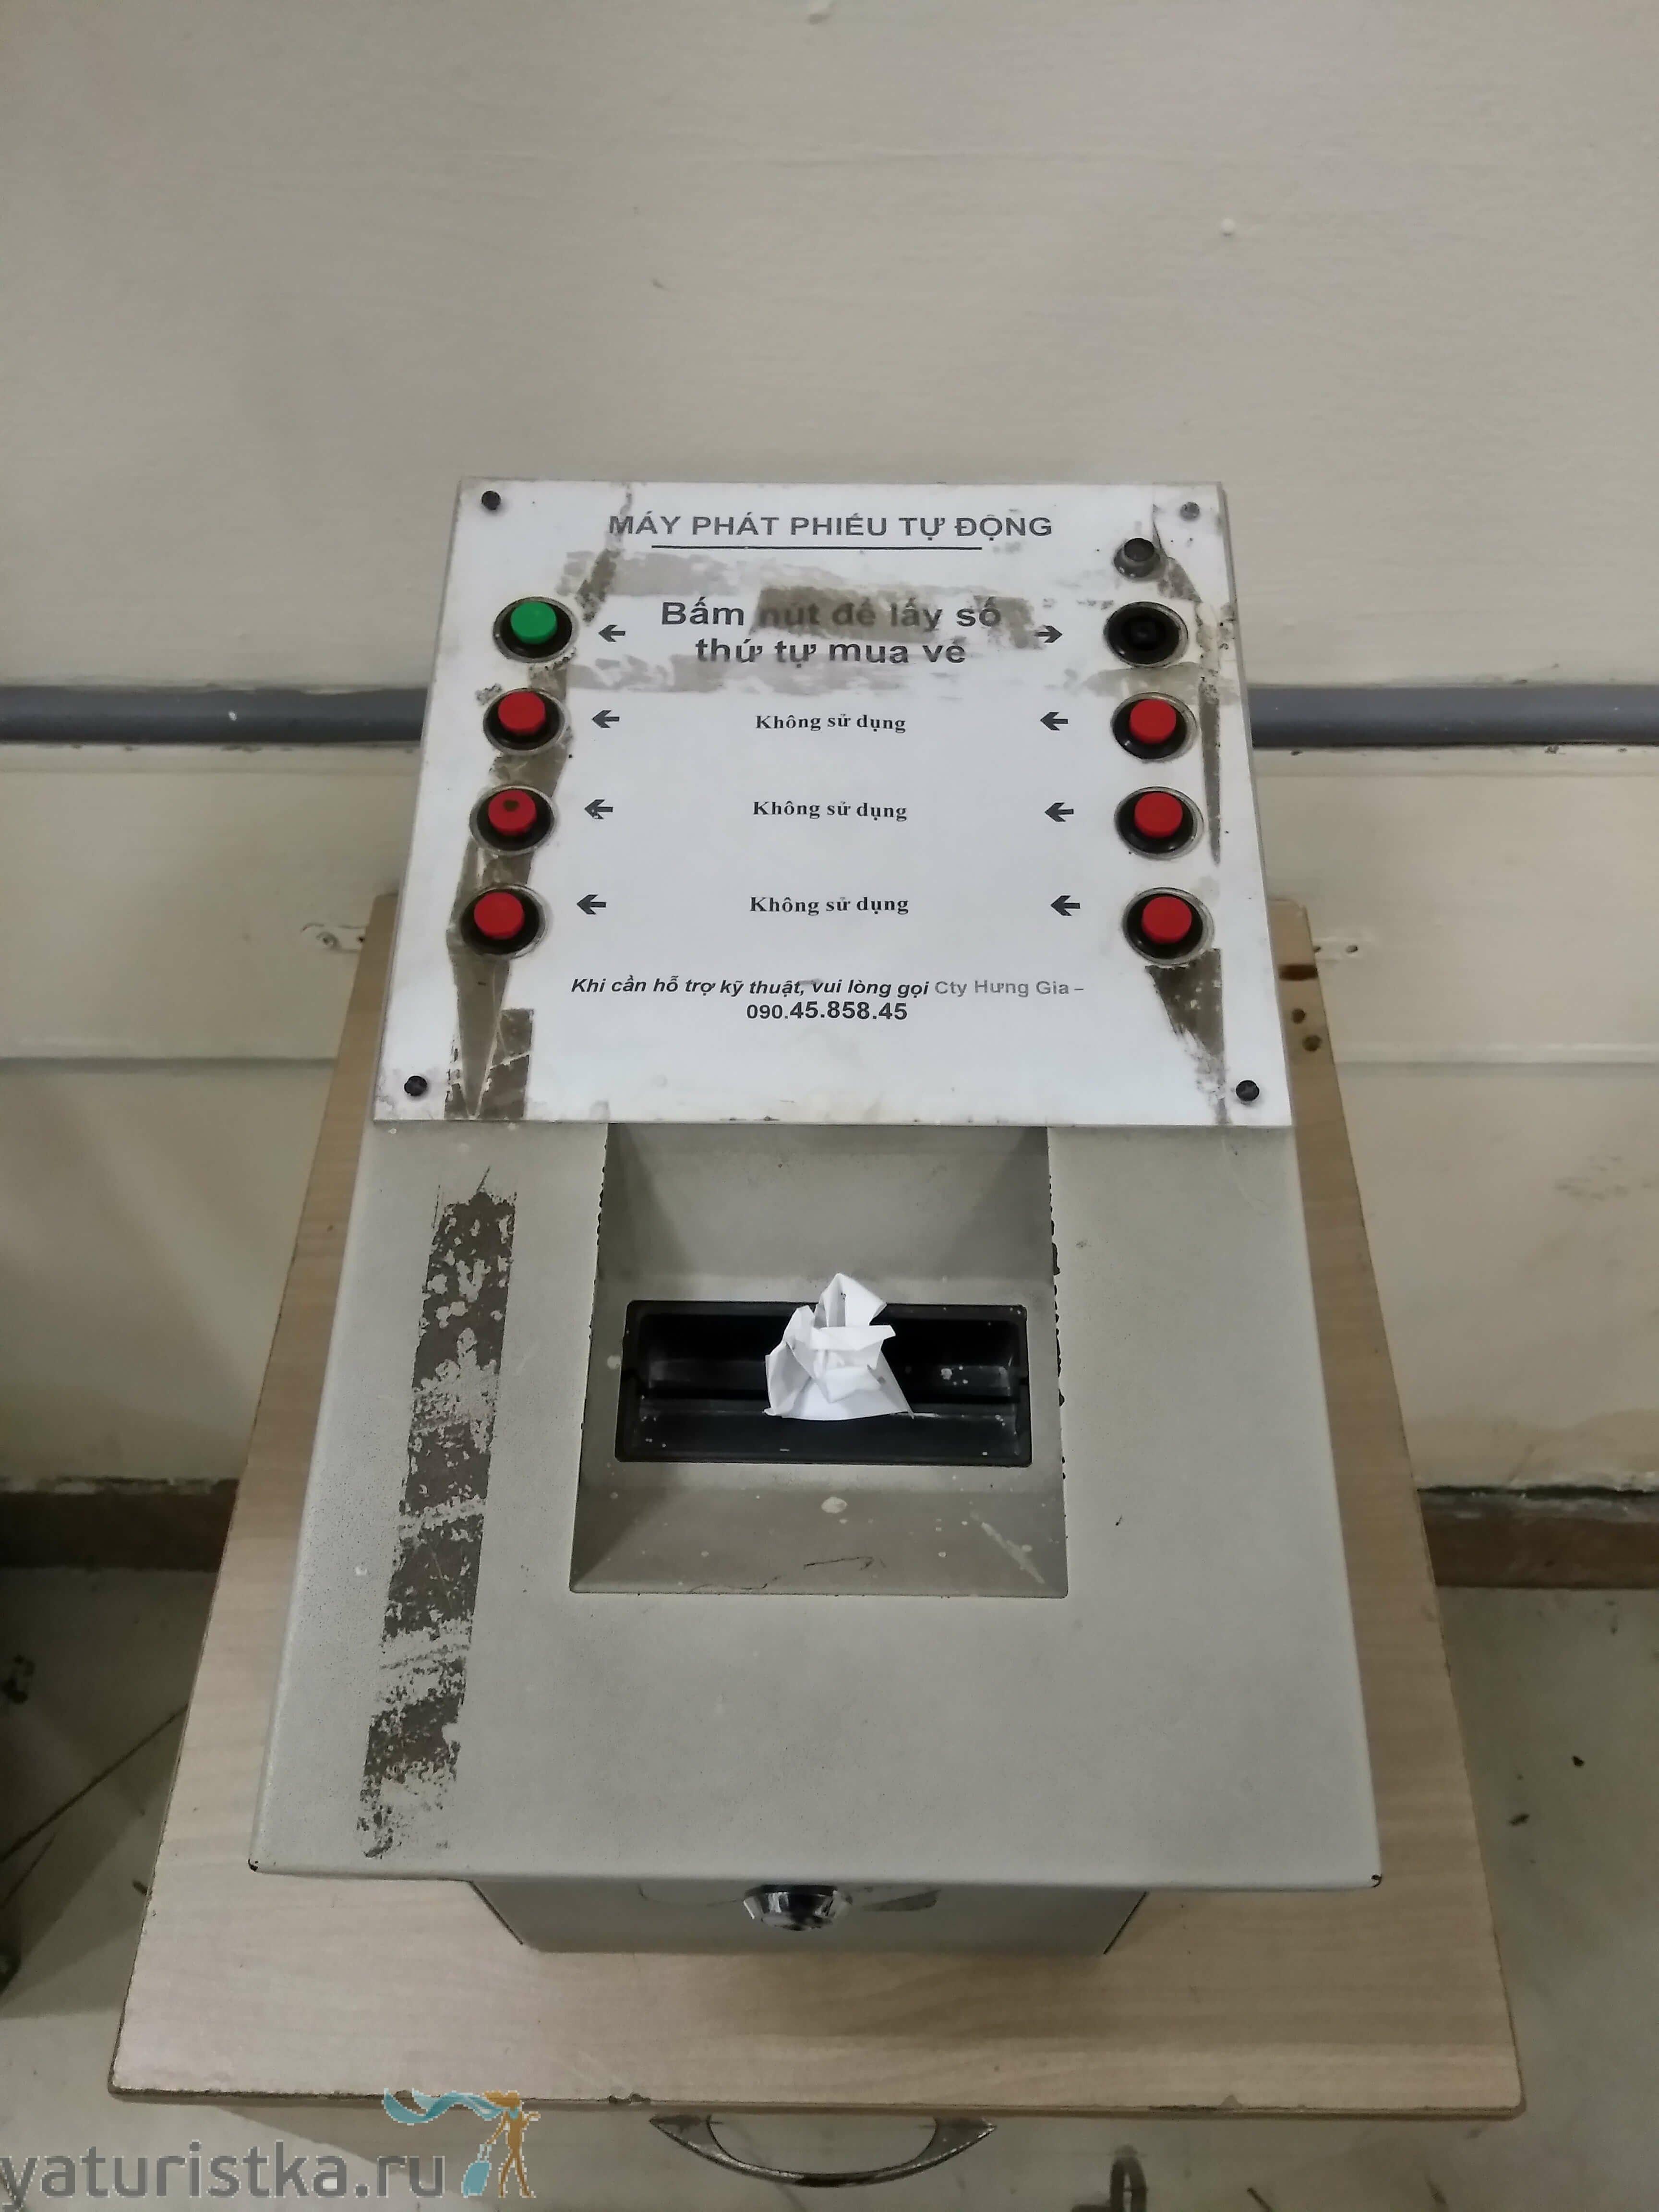 Аппарат по выдаче талончиков на ЖД станции во Вьетнаме